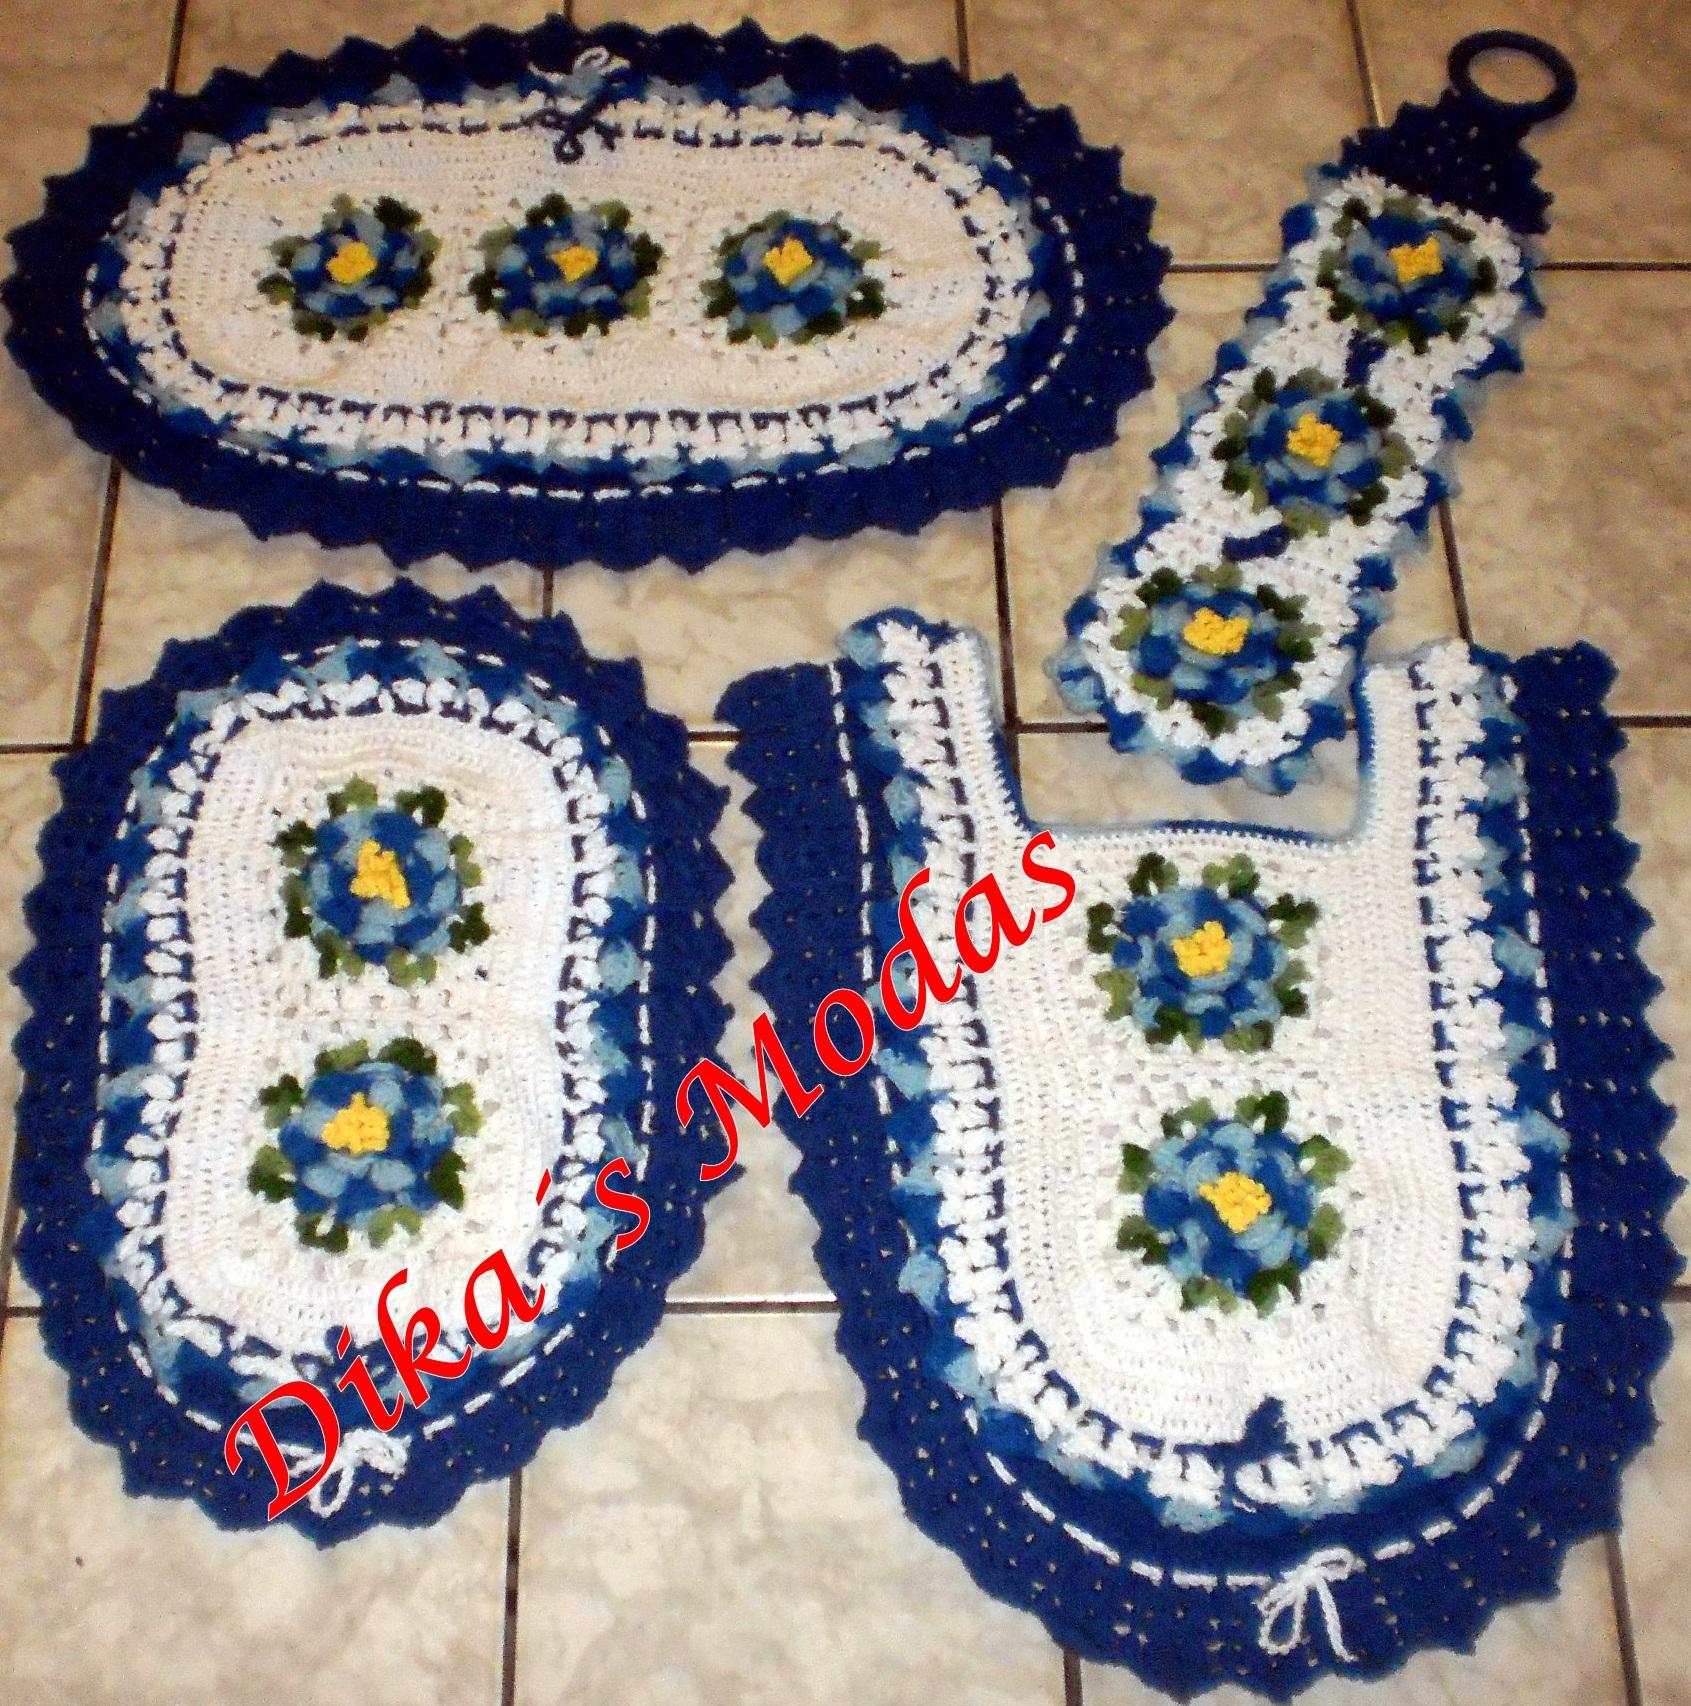 de Artesanato > Crochê > Jogo de Banheiro Azul e Branco 4 pçs #C00B0C 1691x1706 Banheiro Azul E Branco